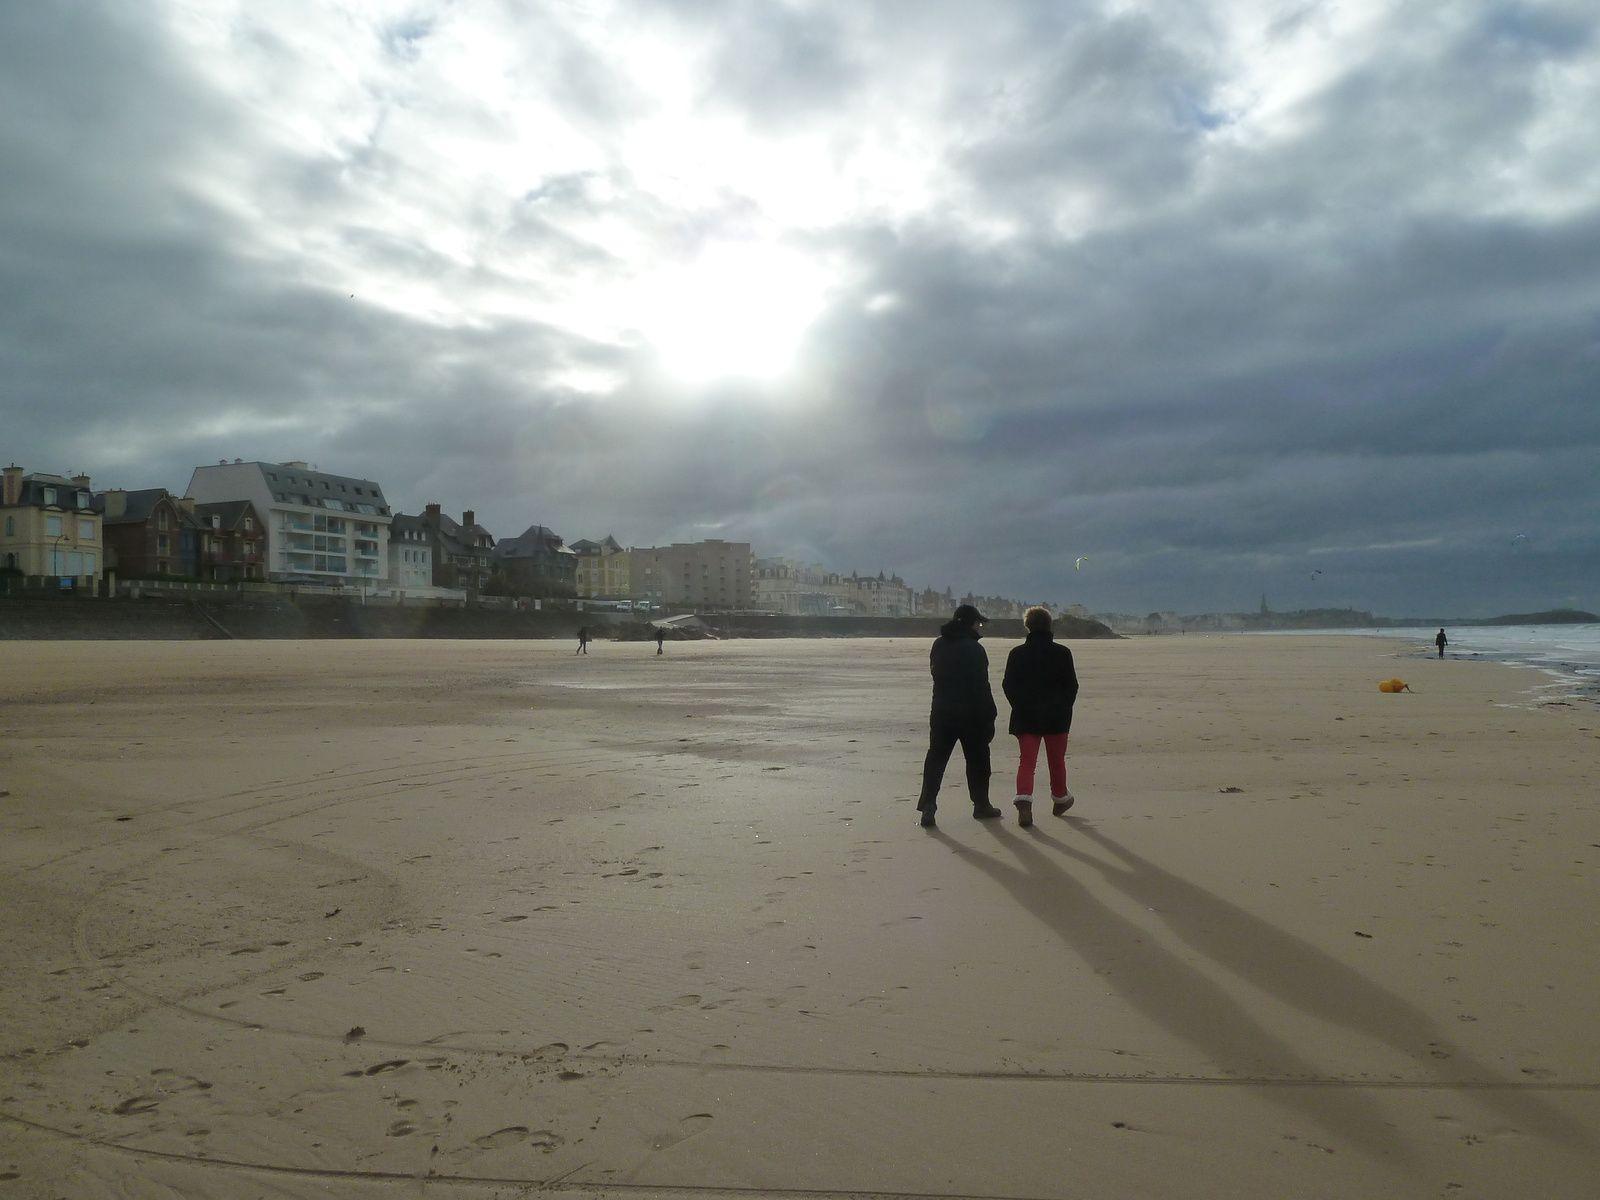 Nous approchons de la ville, le soleil darde timidement et trace sur le sable des ombres gigantesques...